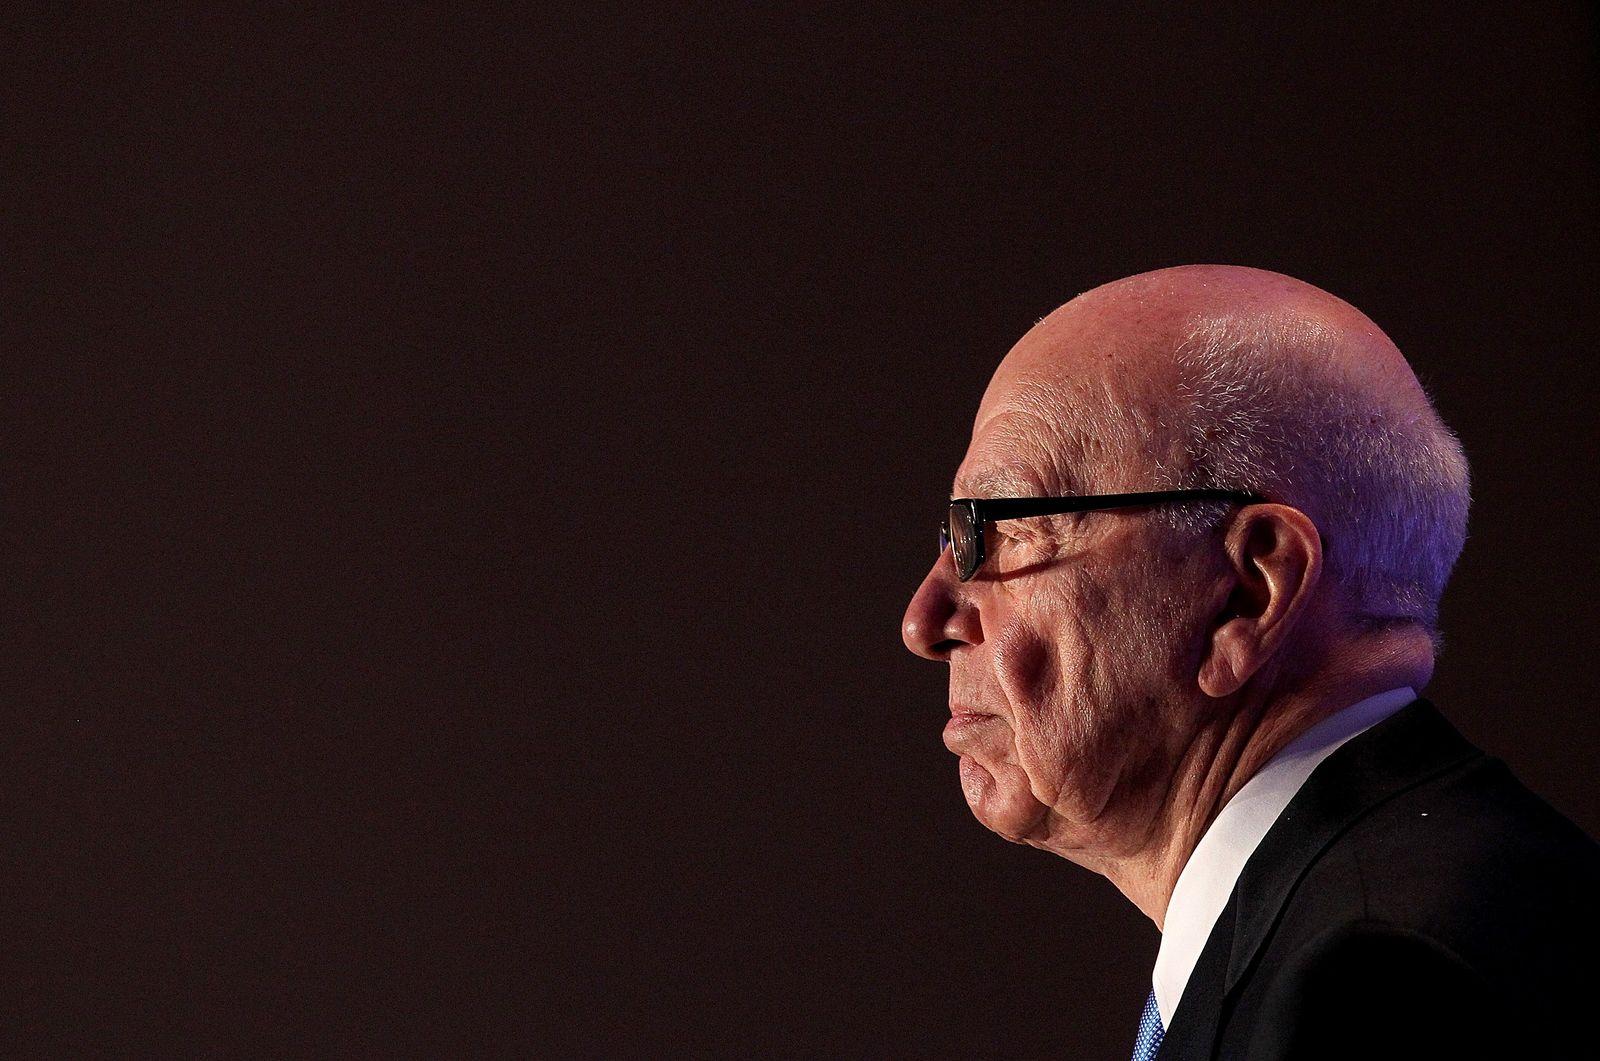 mmo THEMA Rupert Murdoch